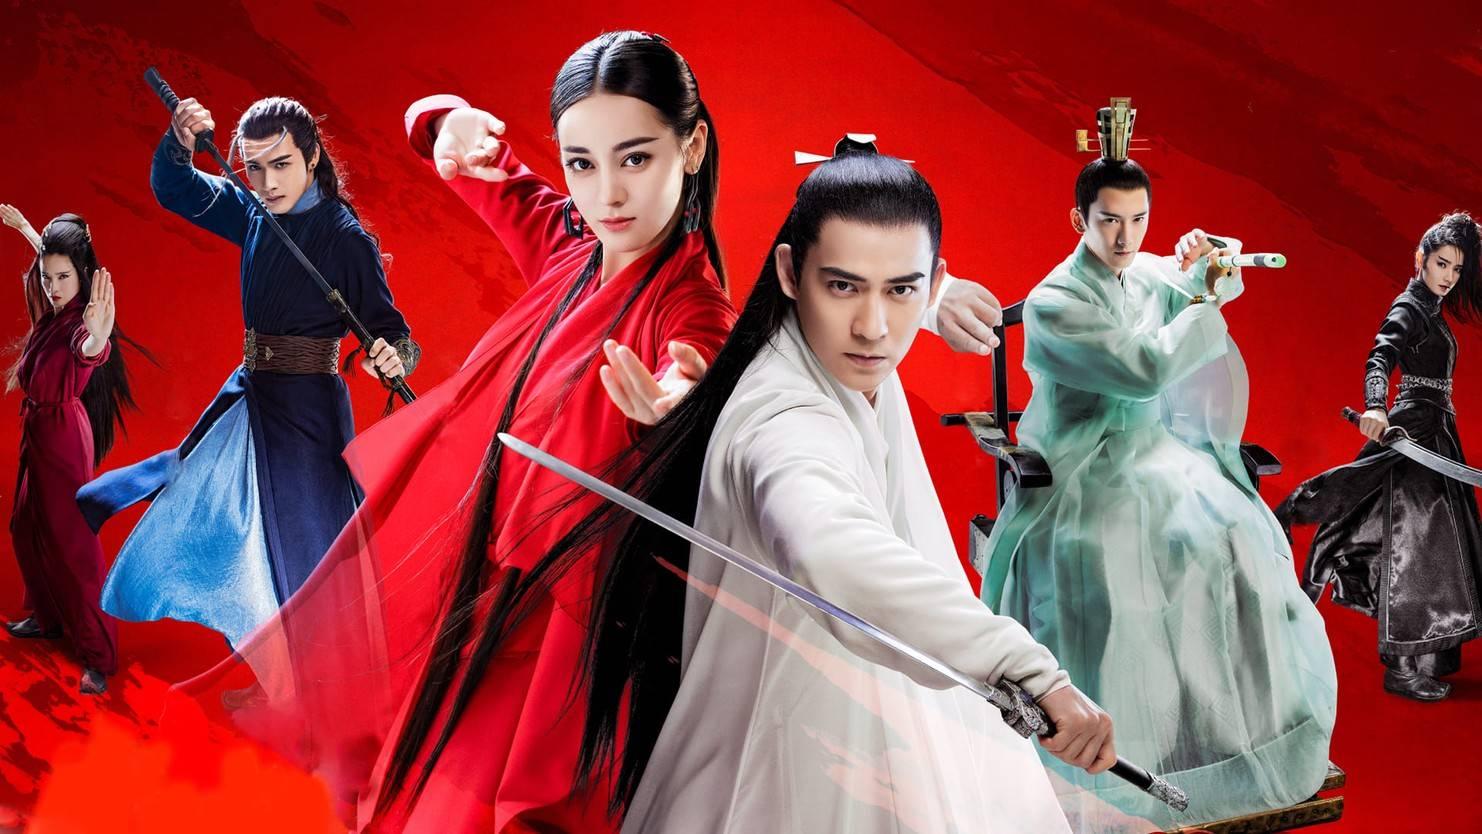 Top những bộ phim kiếm hiệp Trung Quốc hay nhất 2018 và 2019